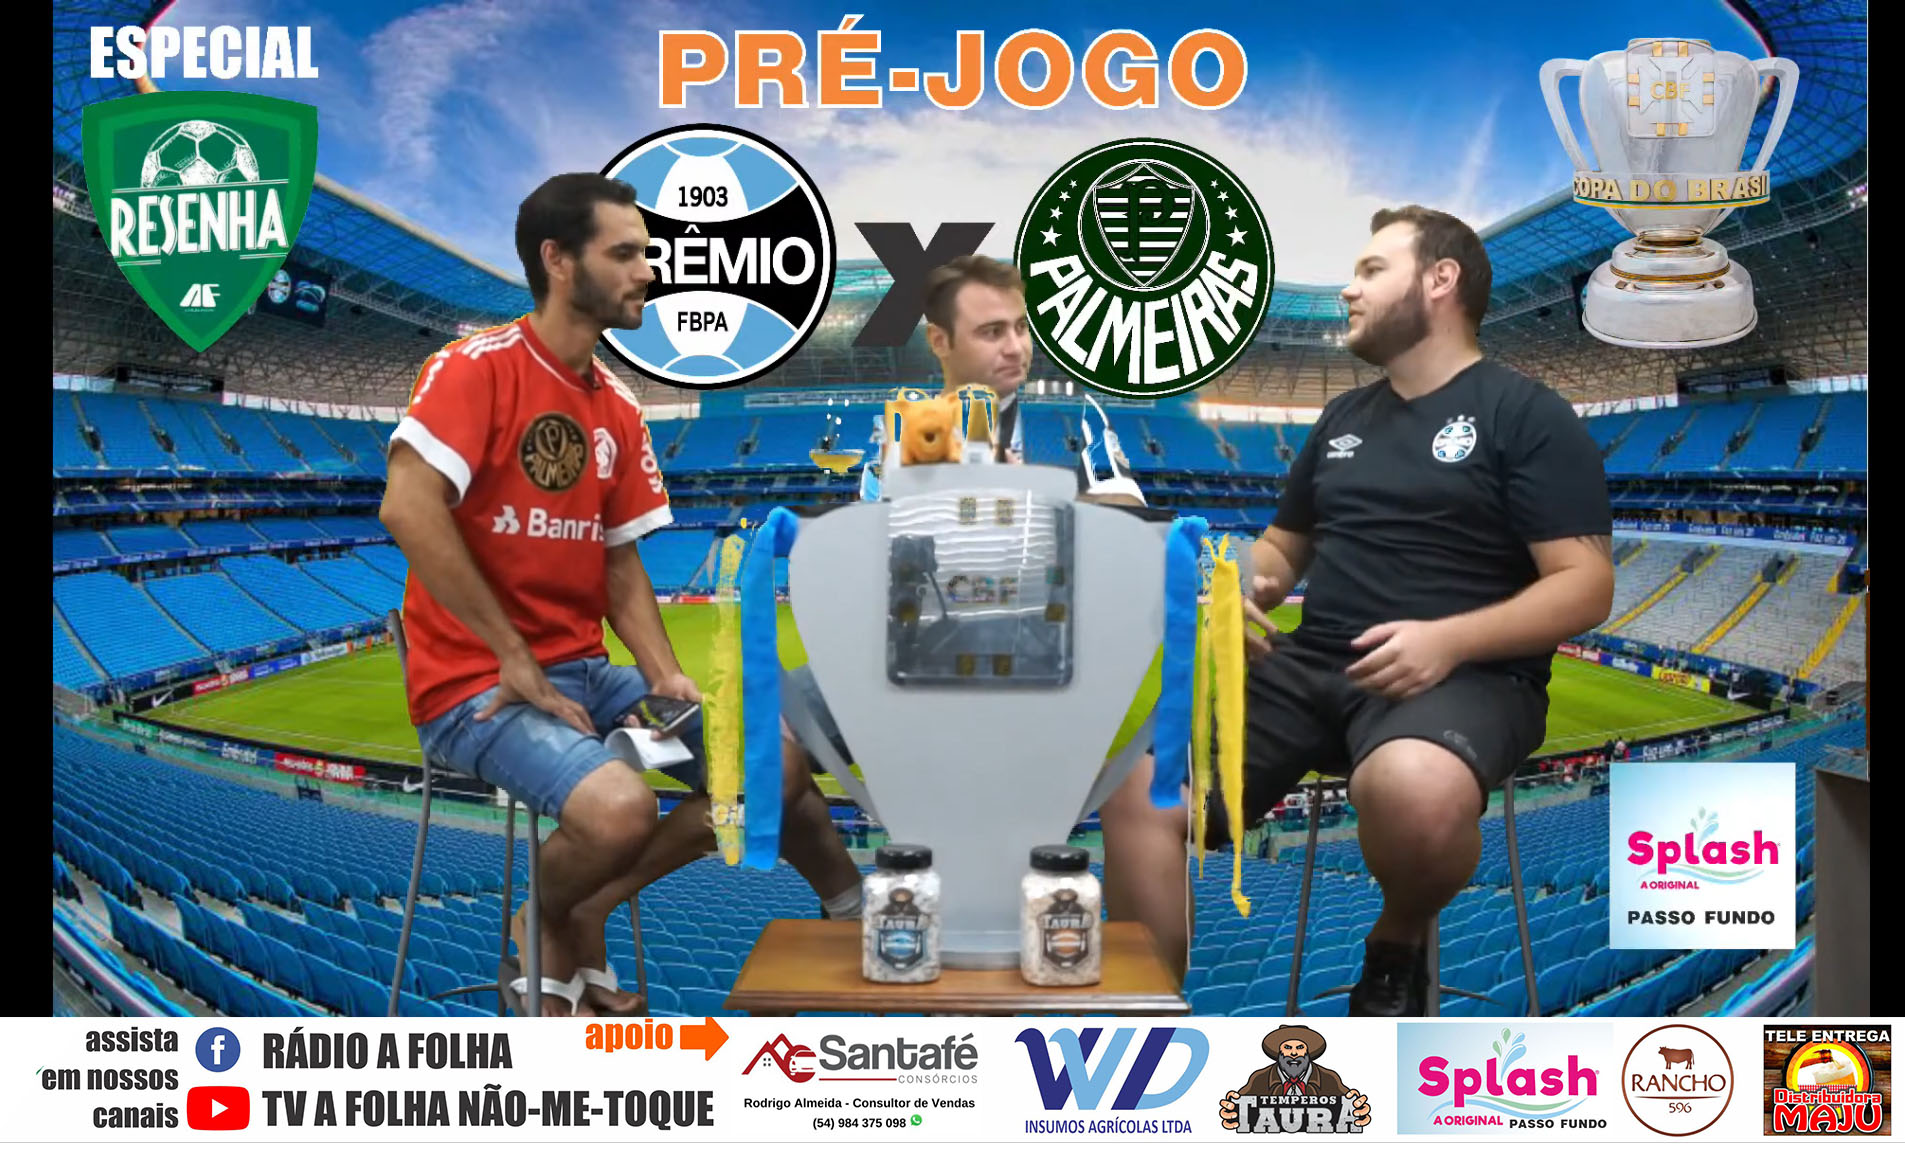 Pré-Jogo Resenha especial: Grêmio x Palmeiras